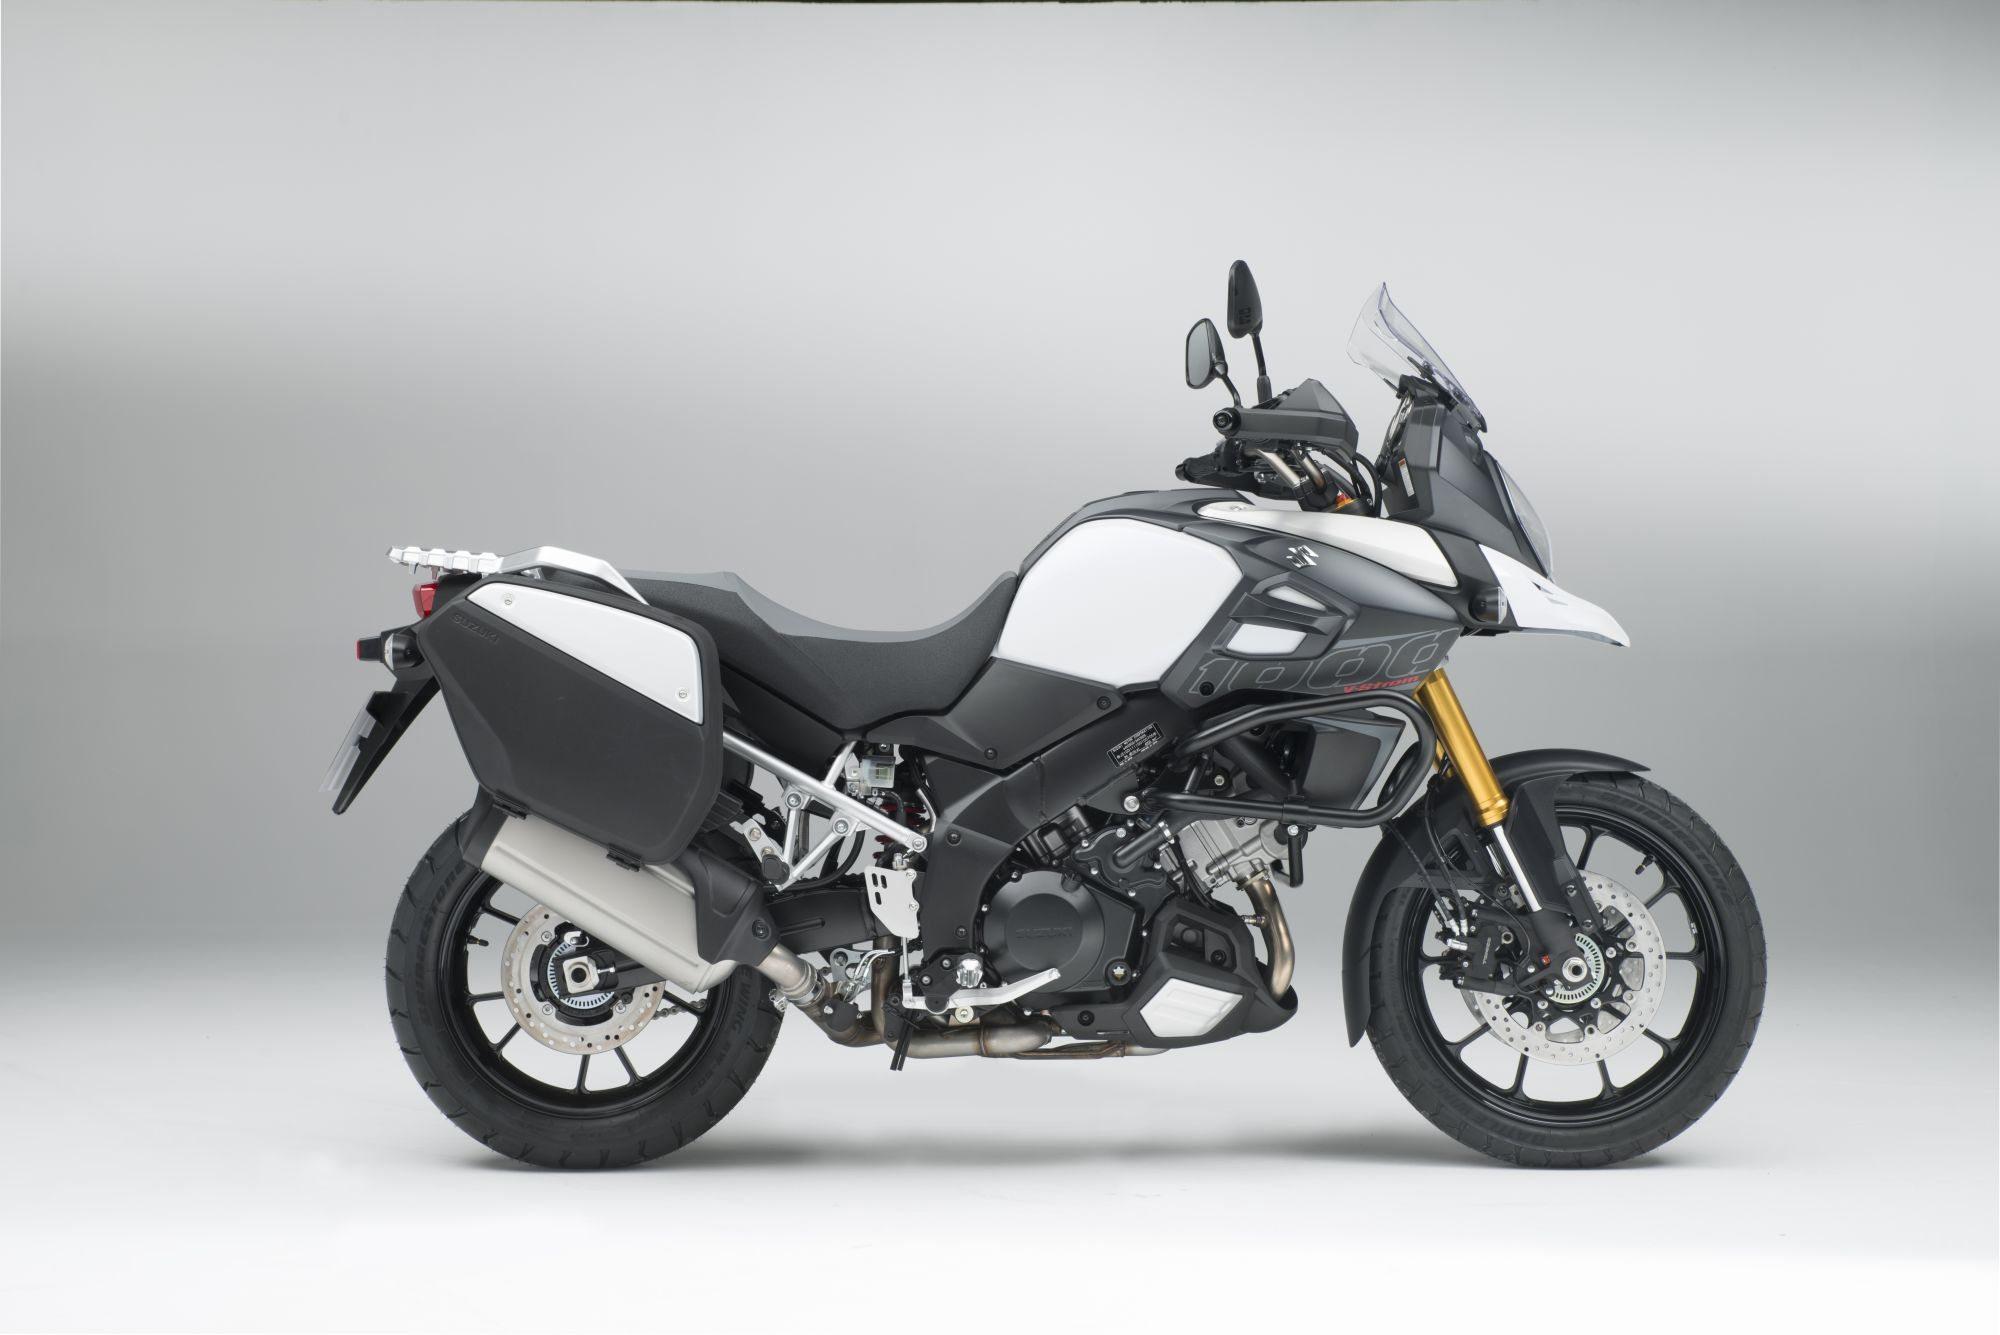 New Suzuki V-Strom 1000 & 1000XT - Bike Review